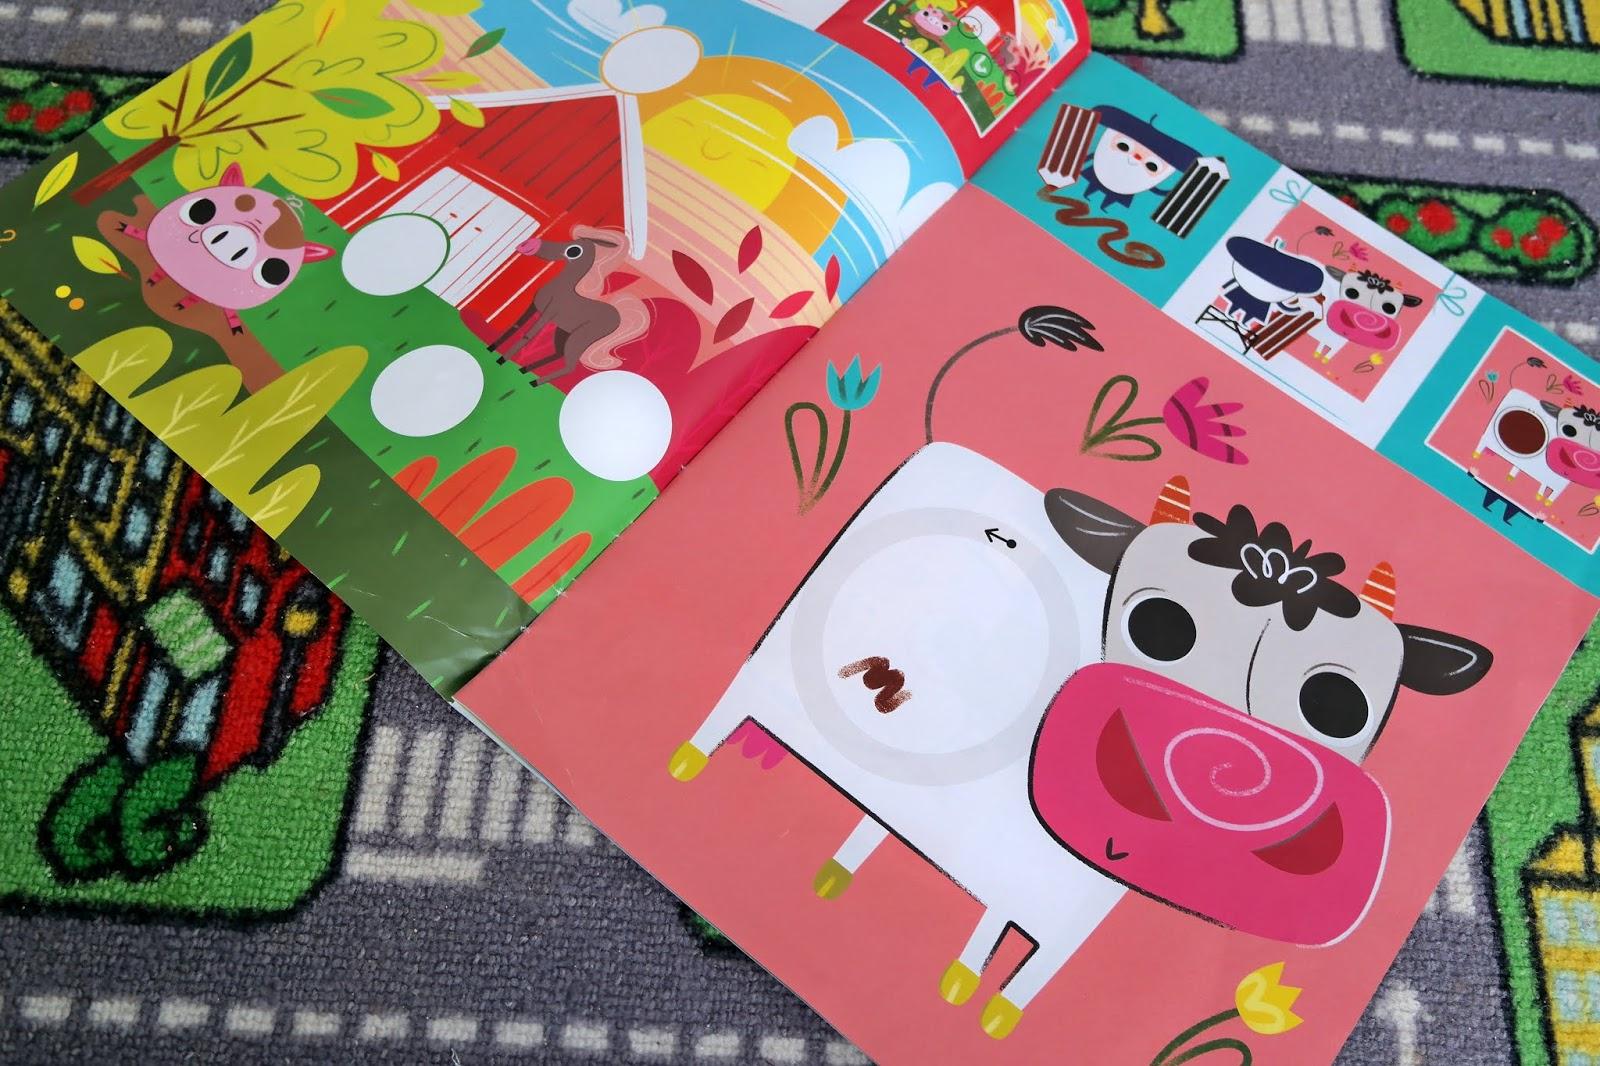 magazyn przyjazny dzieciom